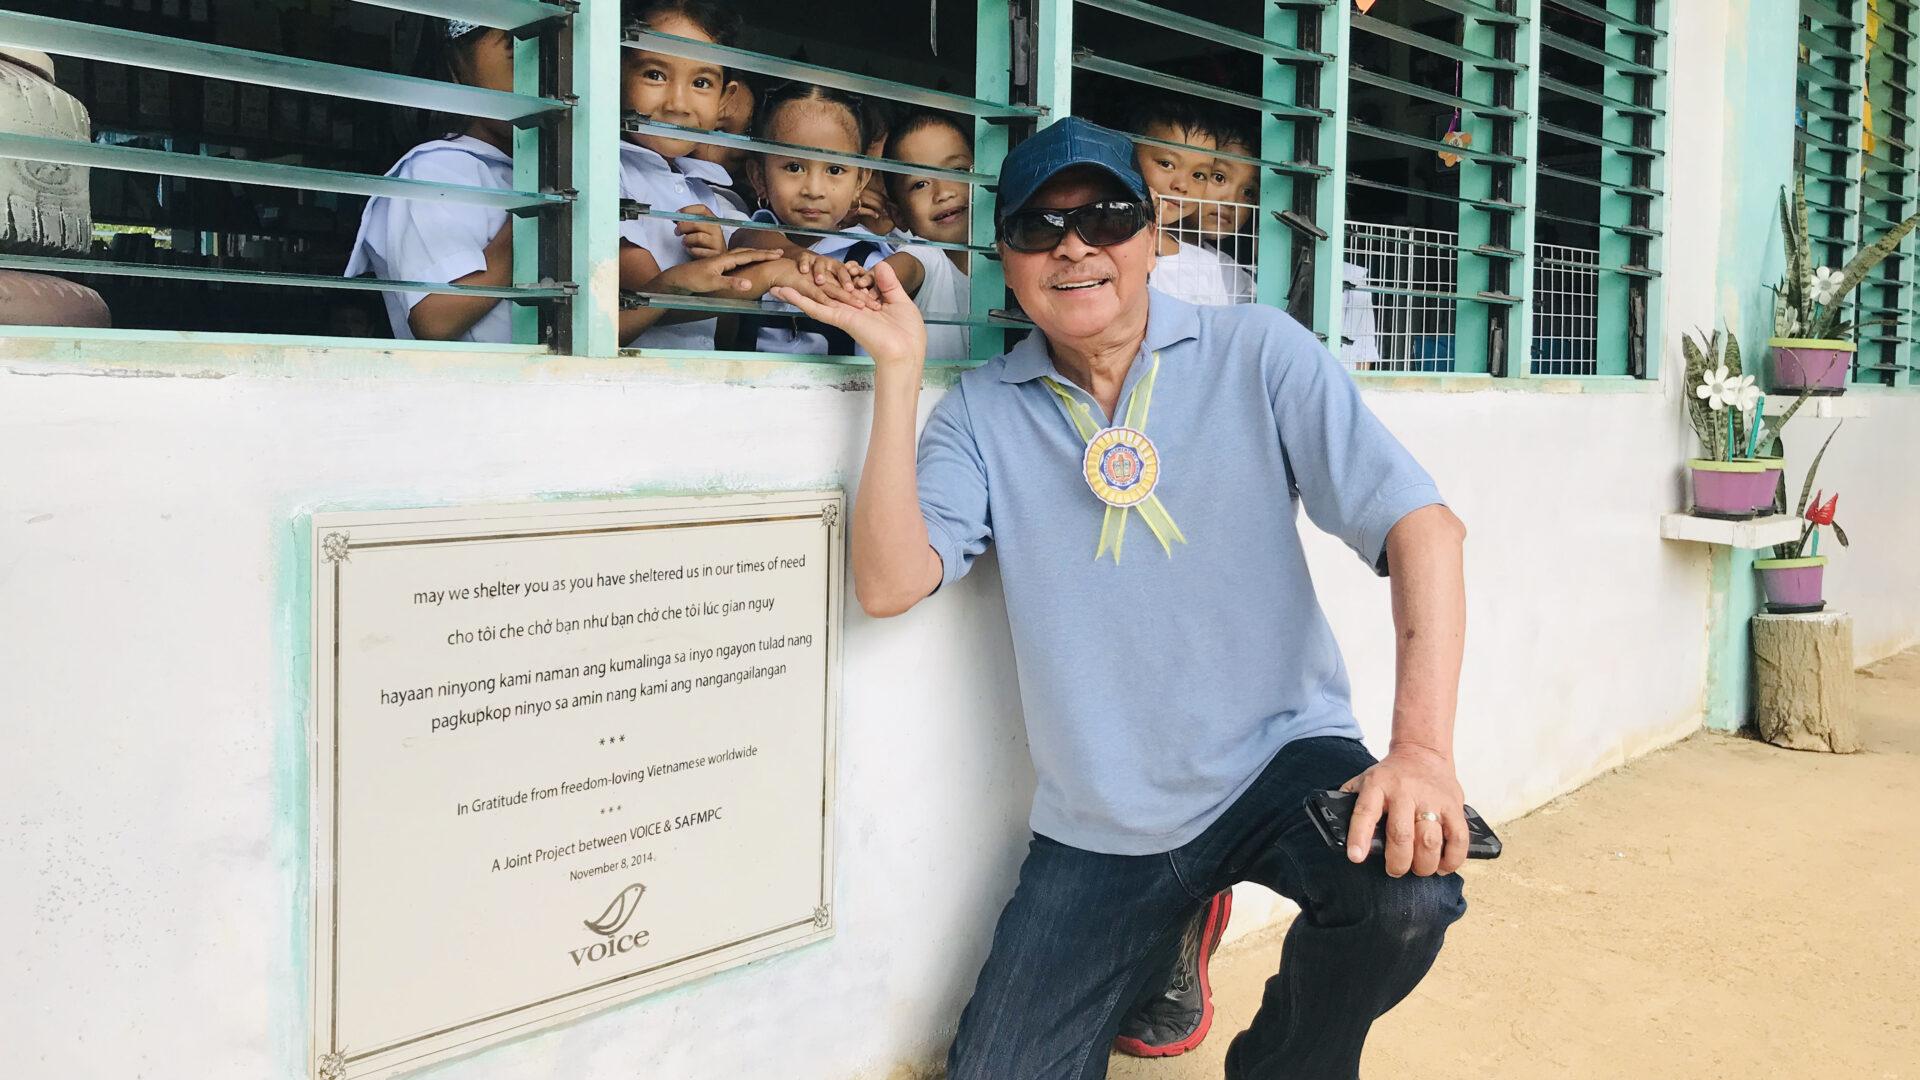 (Tiếng Việt) THANK YOU, PHILIPPINES! Bạn đã chở che tôi lúc gian nguy… (Nam Lộc)